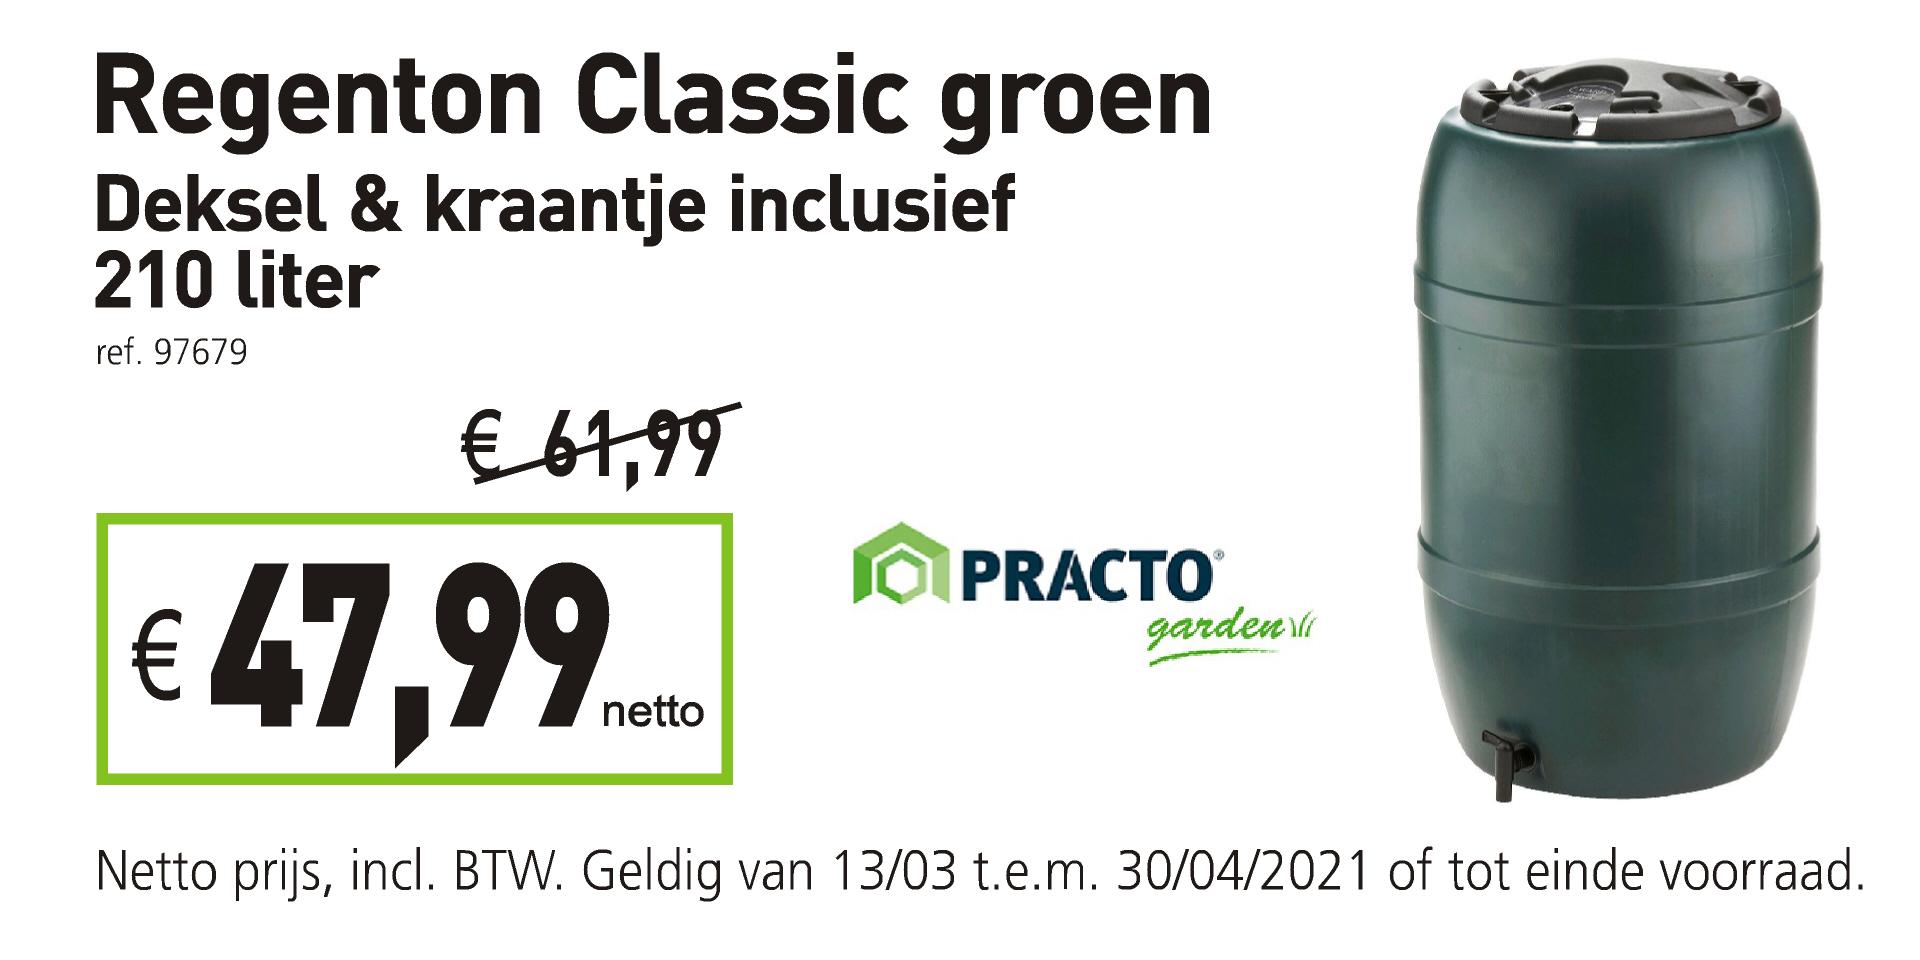 Practo regenton classic groen 210 liter